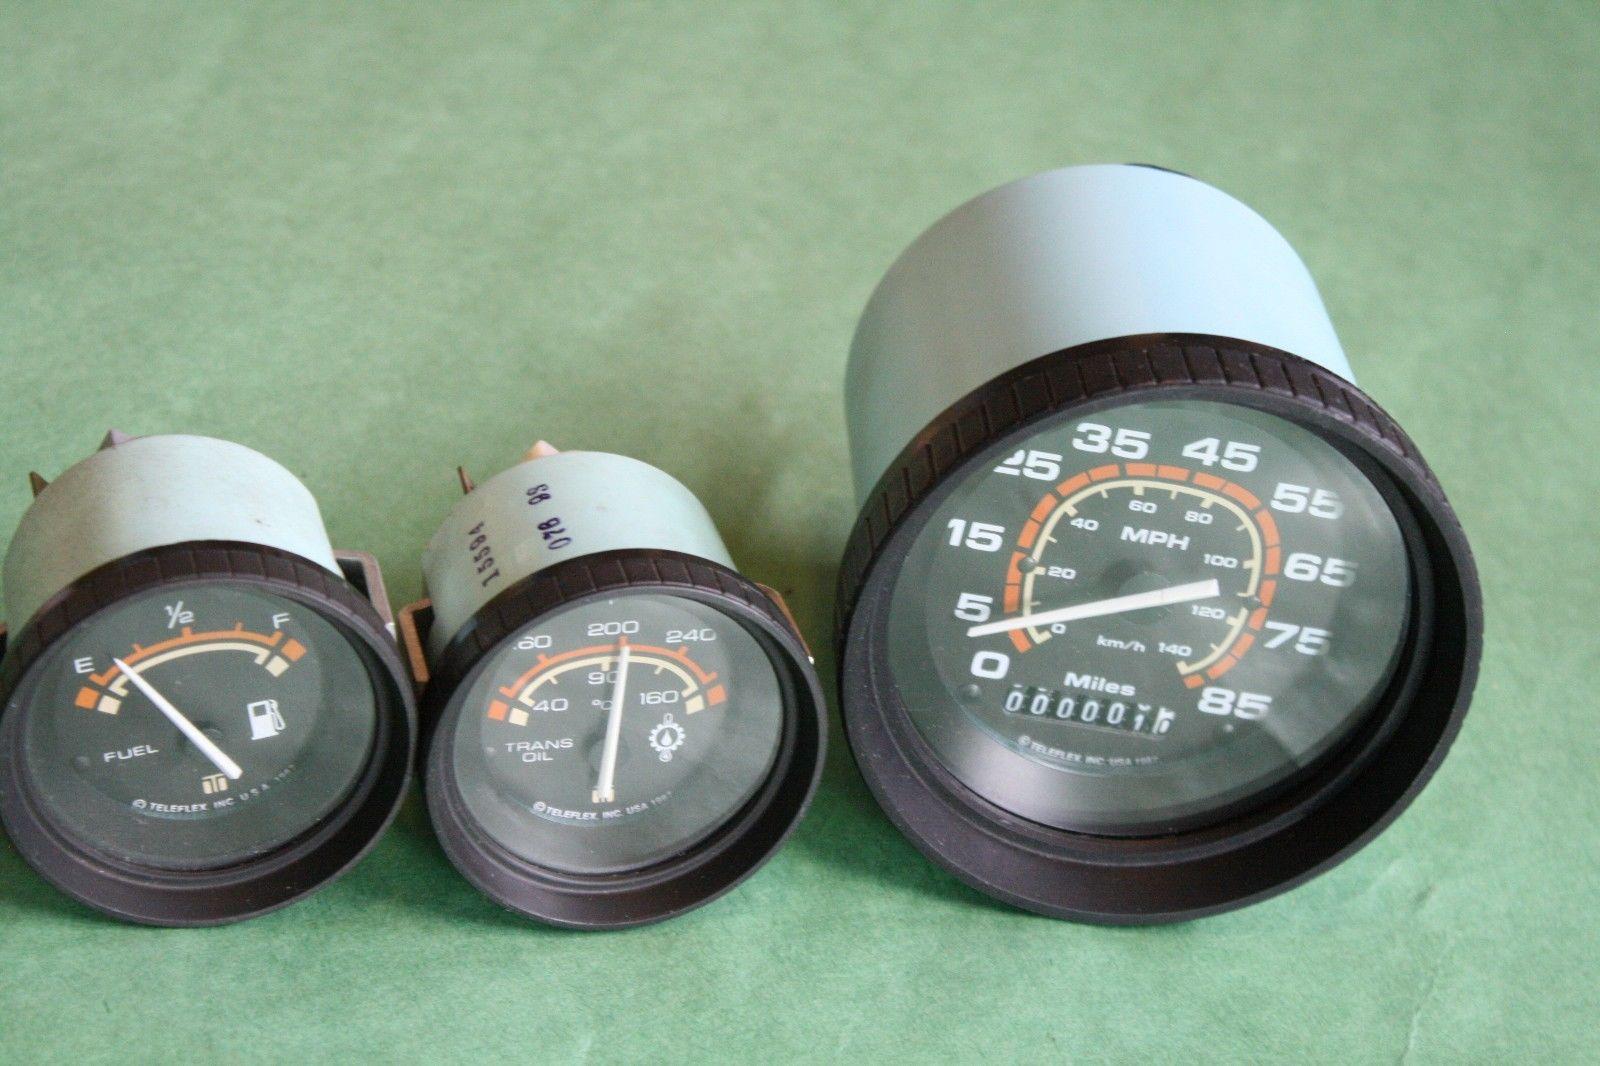 Click image for larger version  Name:Teleflex gauge set-1.jpg Views:105 Size:193.3 KB ID:253258